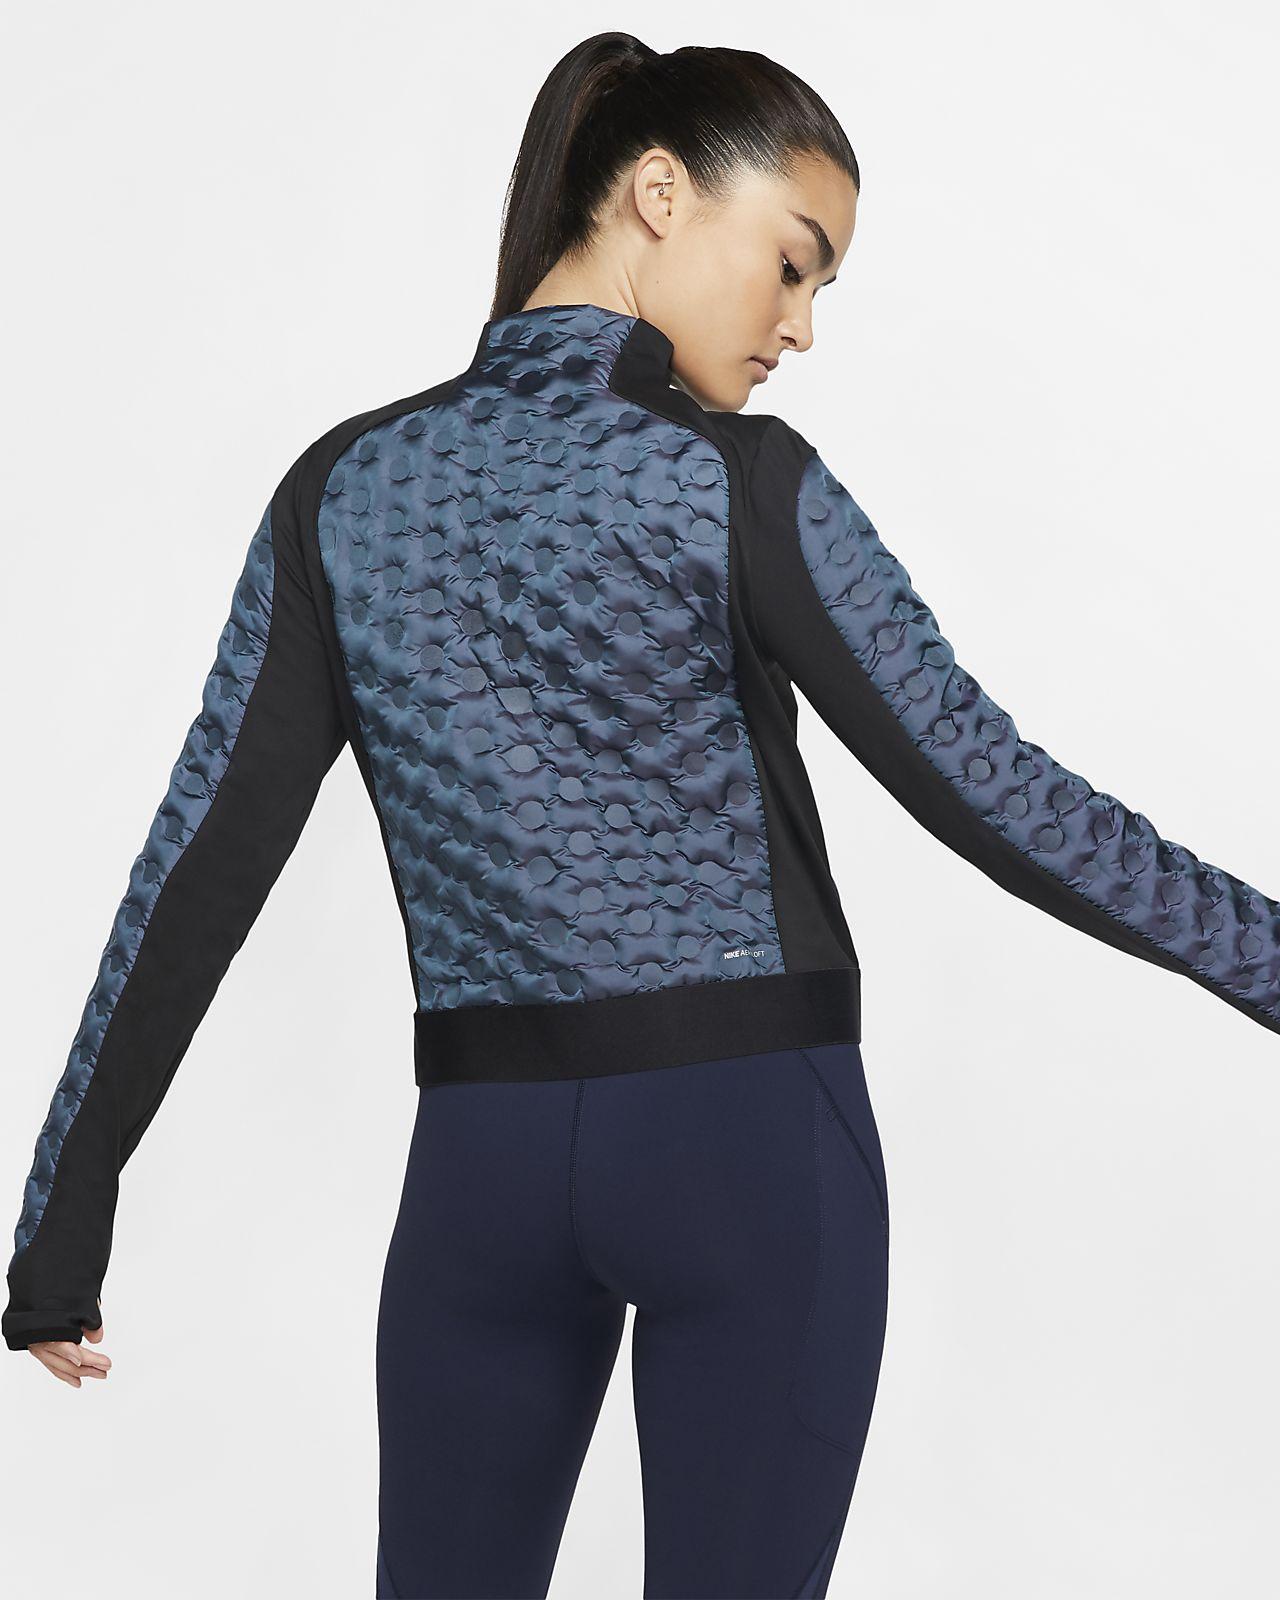 Nike AeroLoft Hardloopjack voor dames